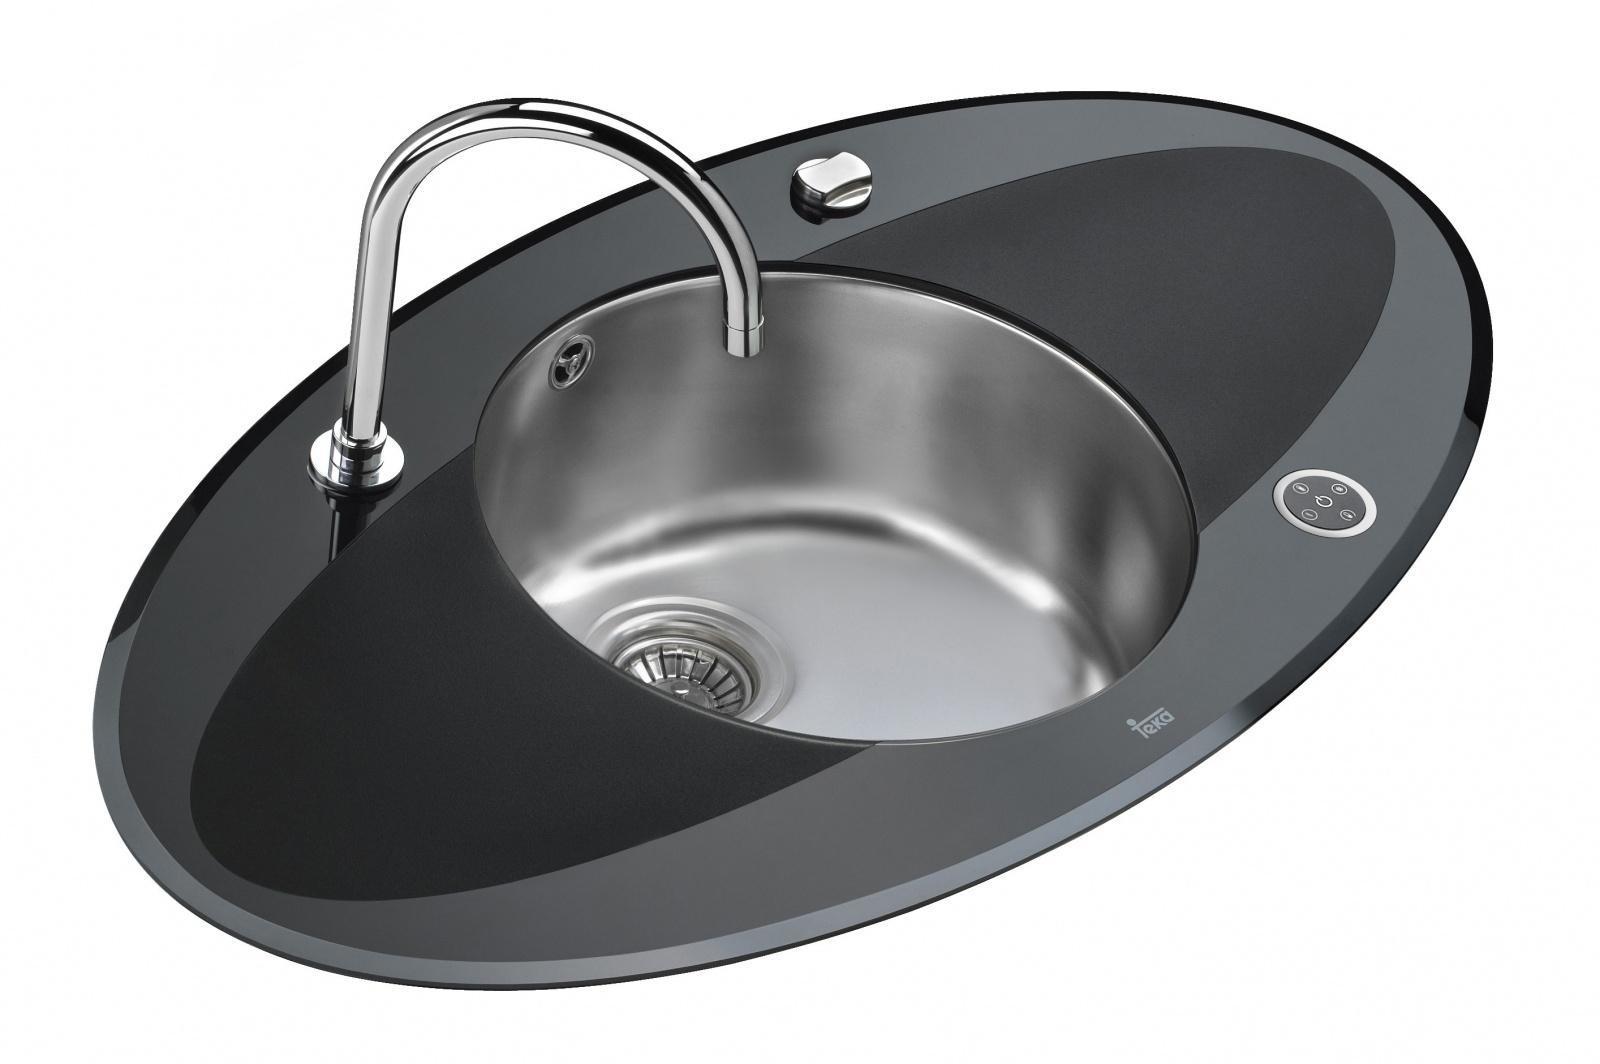 Teka edelstahl glas touch steueru einbauspüle spüle küchenspüle